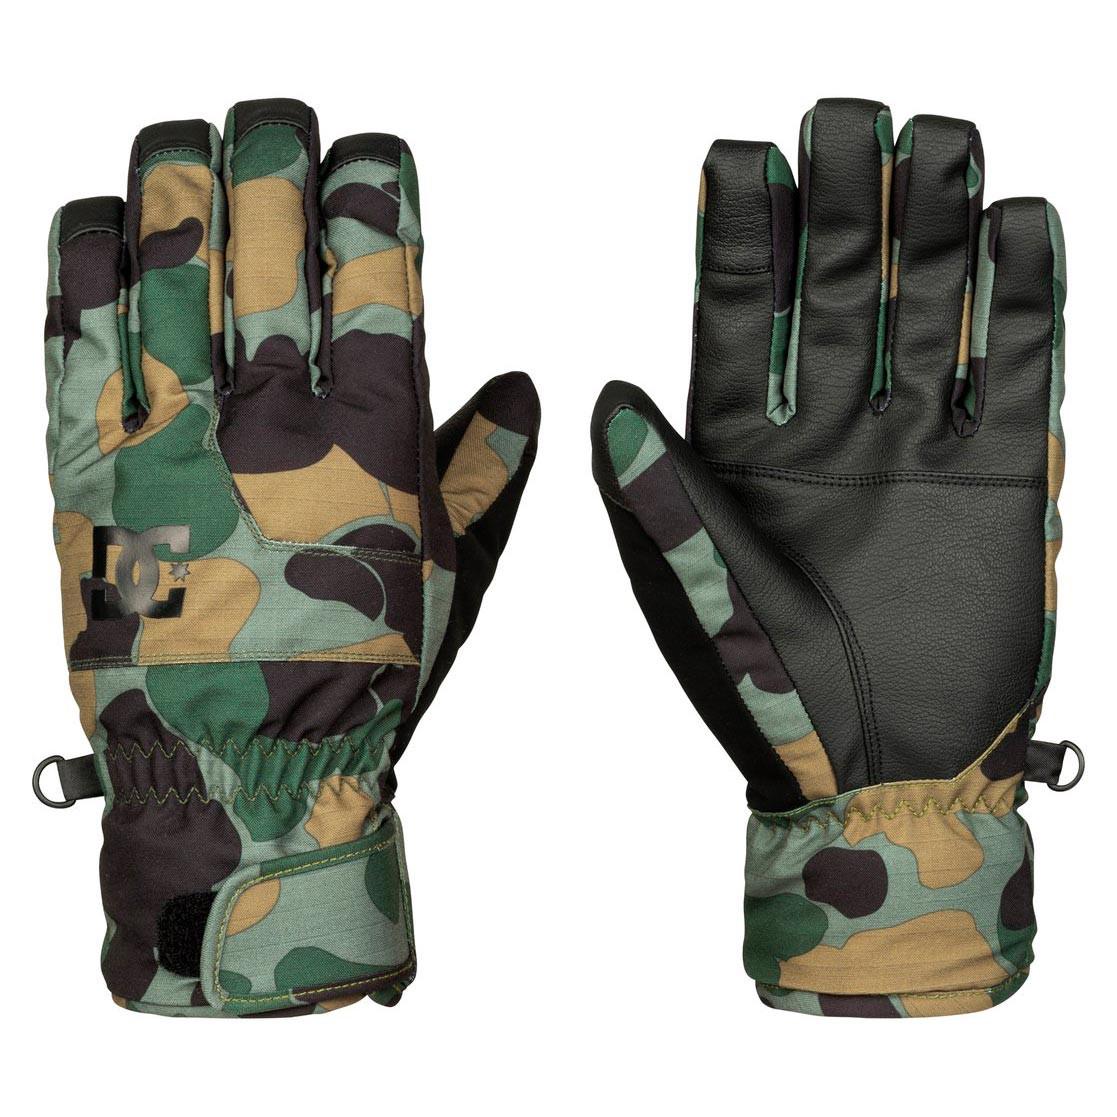 Rukavice DC Seger camouflage lodge men vel.L 16/17 + doručení do 24 hodin